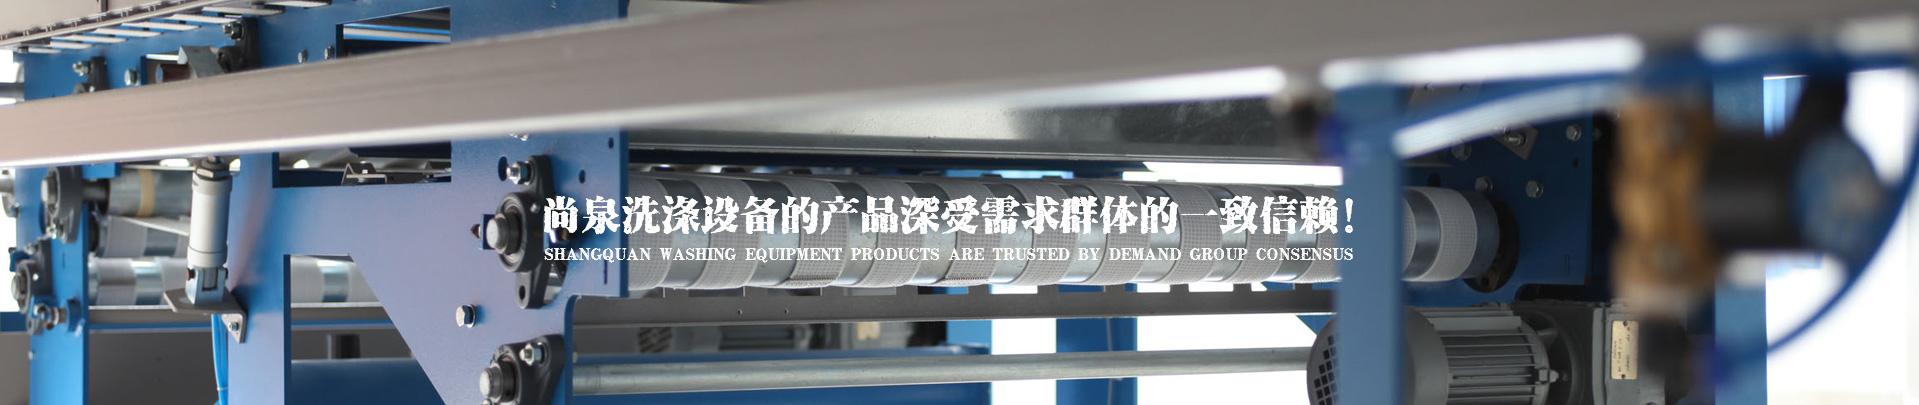 尚泉洗滌設備的產品深受需求群體的一致信賴!